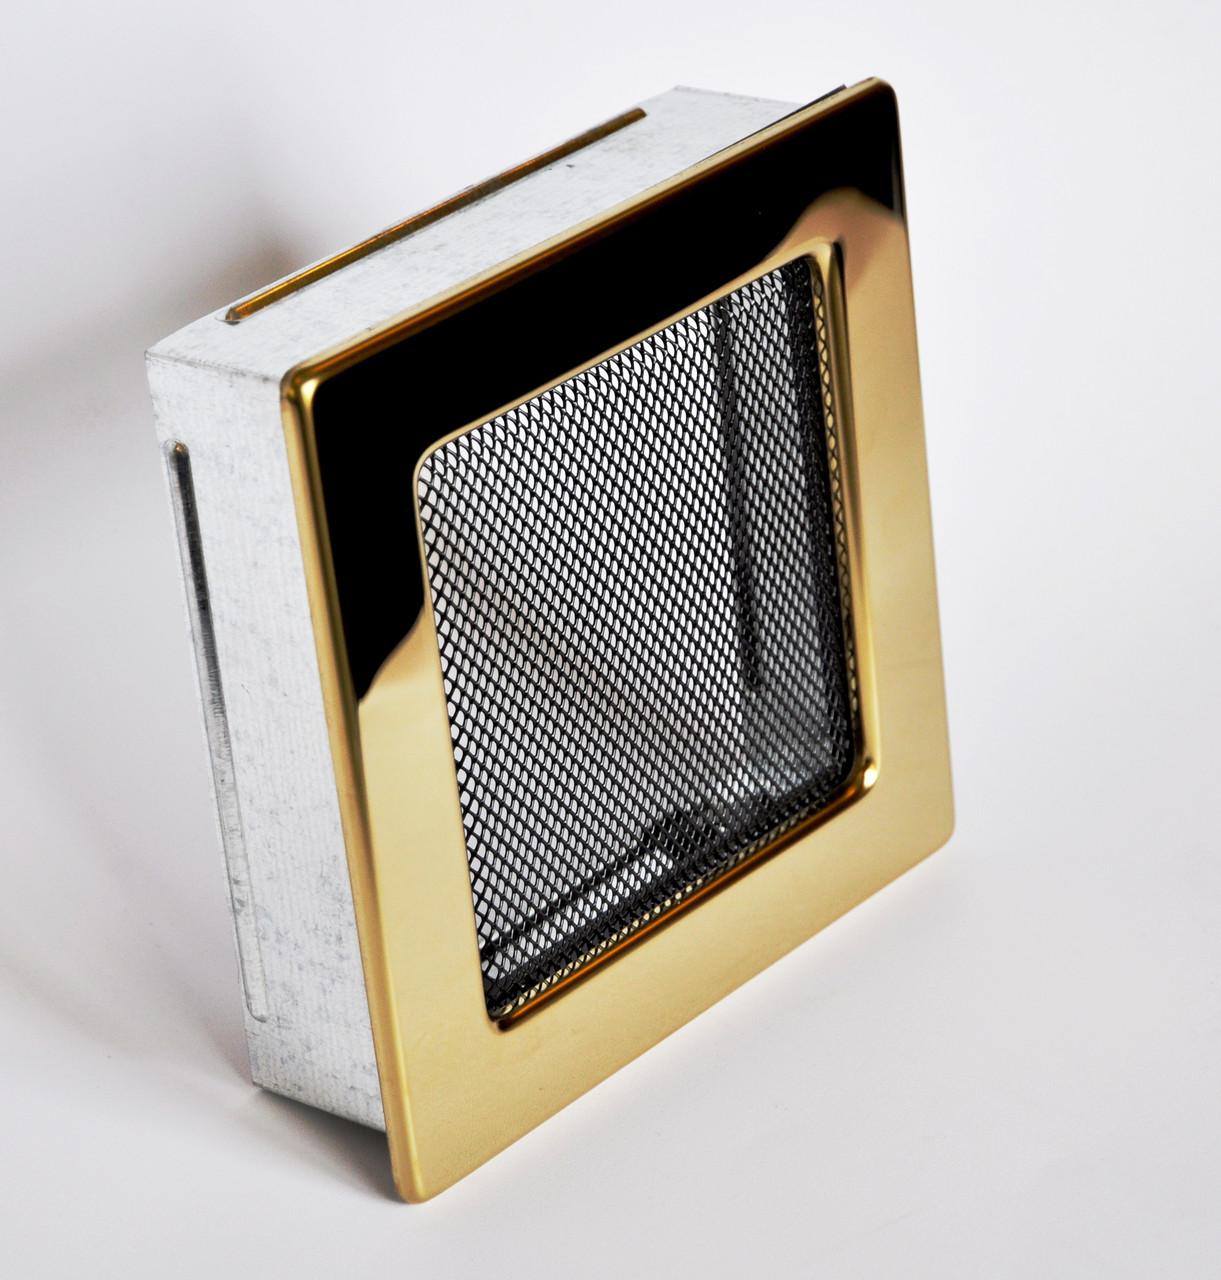 Решетка каминная 17х17 золото, вентиляционная для камина, декоративная